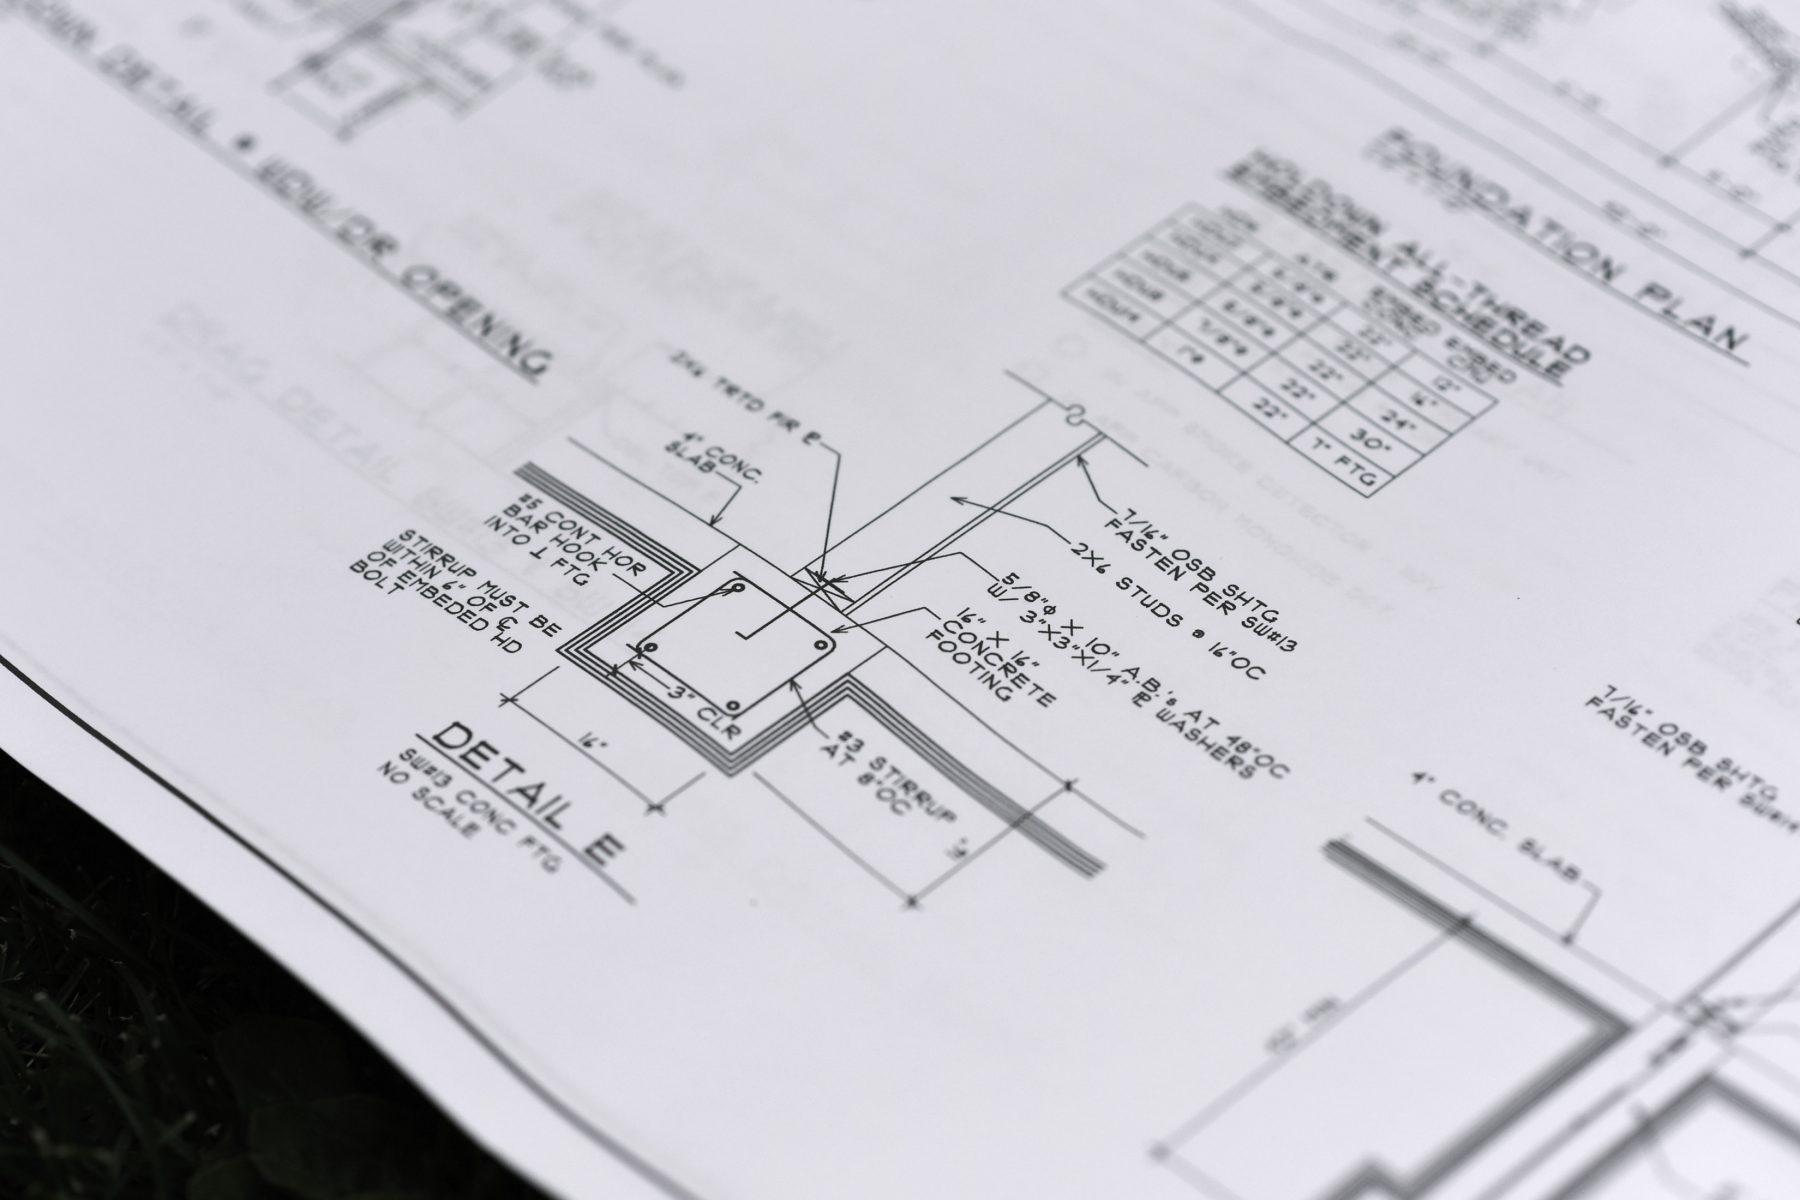 AK House Project plot plan detail